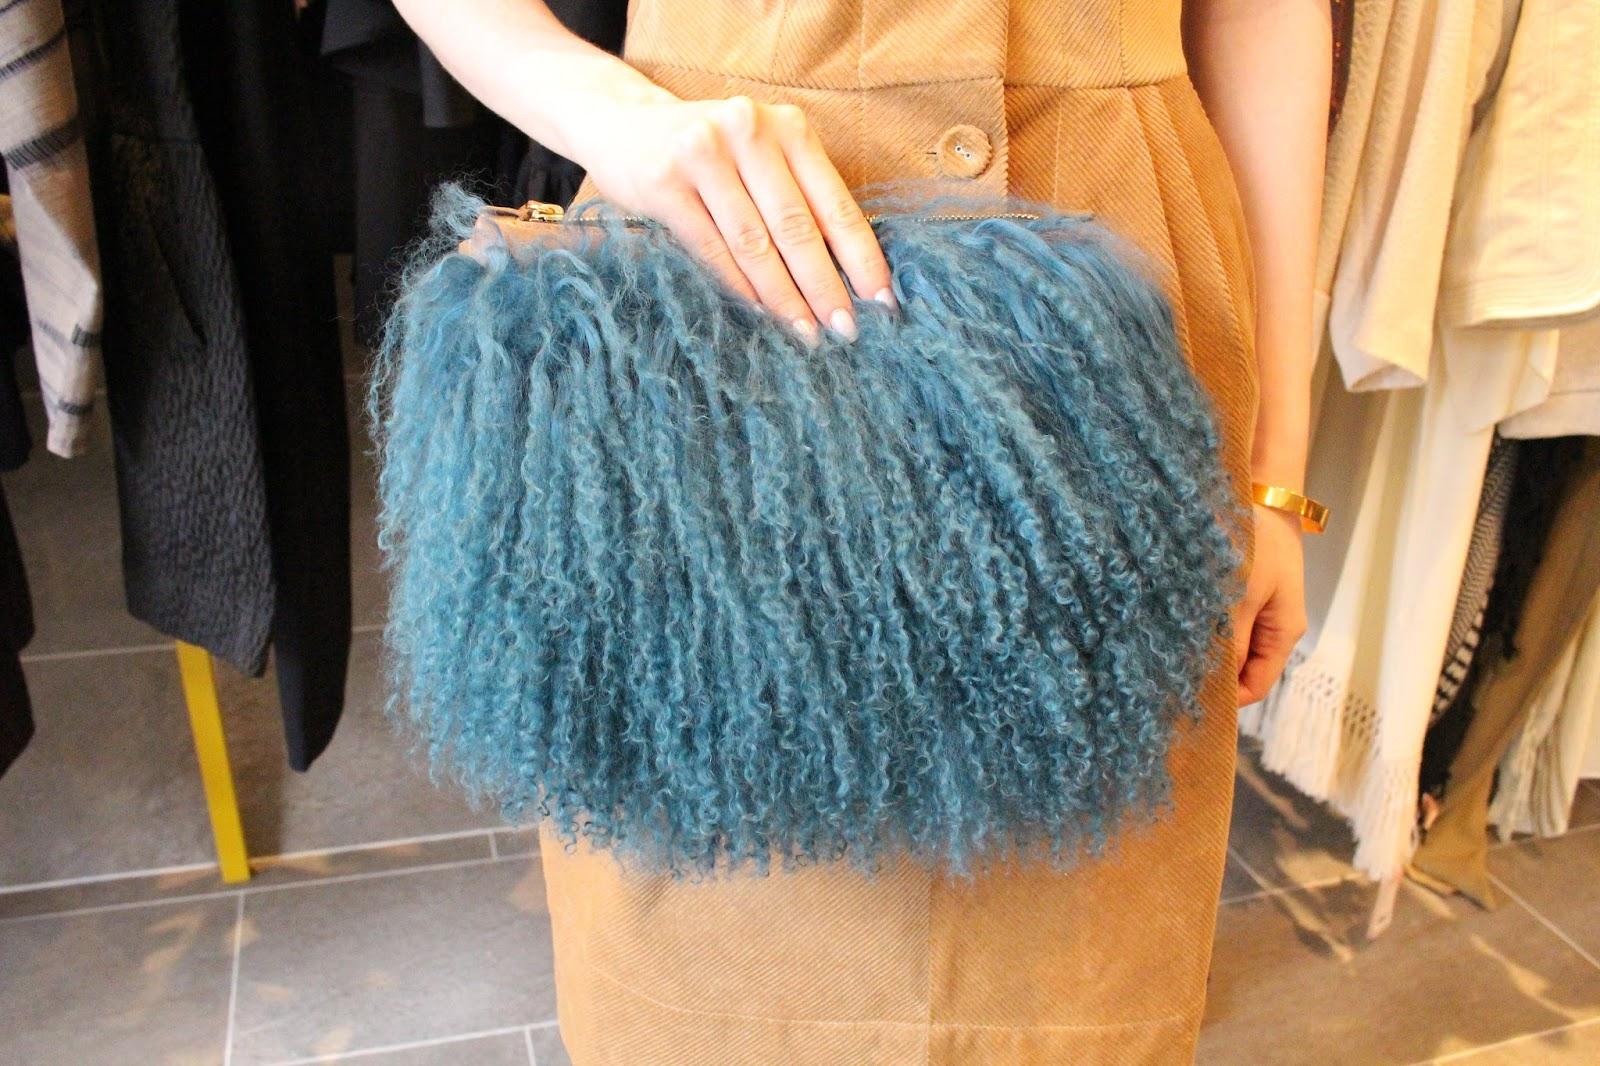 uk fashion blogger, london fashion blogger, liverpool fashion blogger, farfetch blogger review, lali shop london, farfetch london boutique,